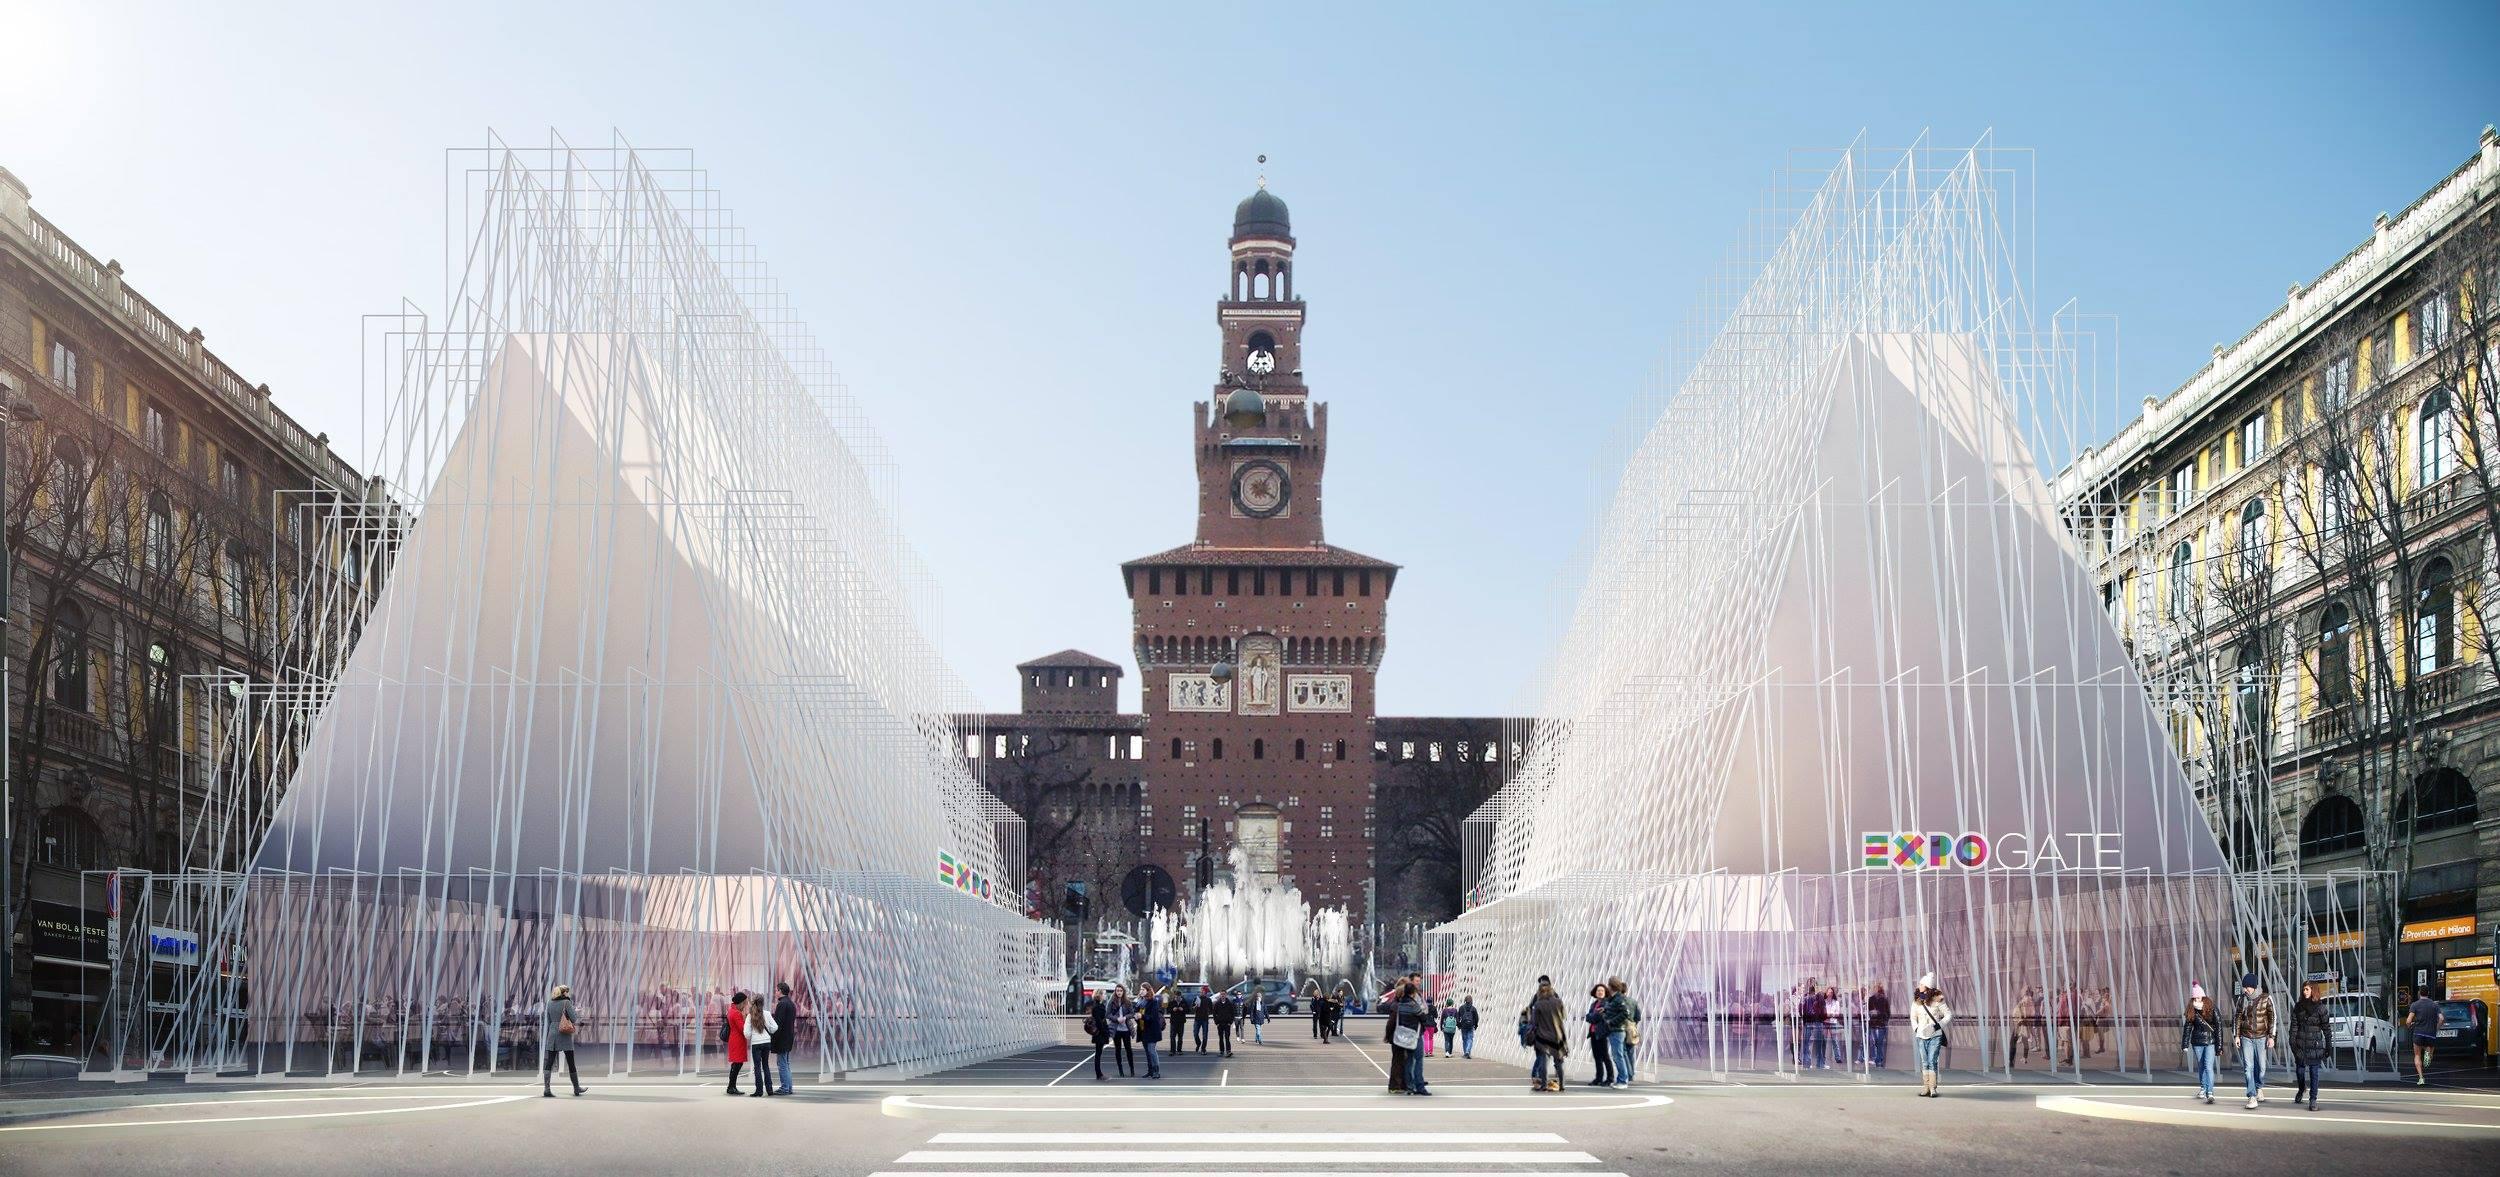 Expo milano 2015 ottobre 2 ingressi inclusi i viaggi di for Esposizione universale expo milano 2015